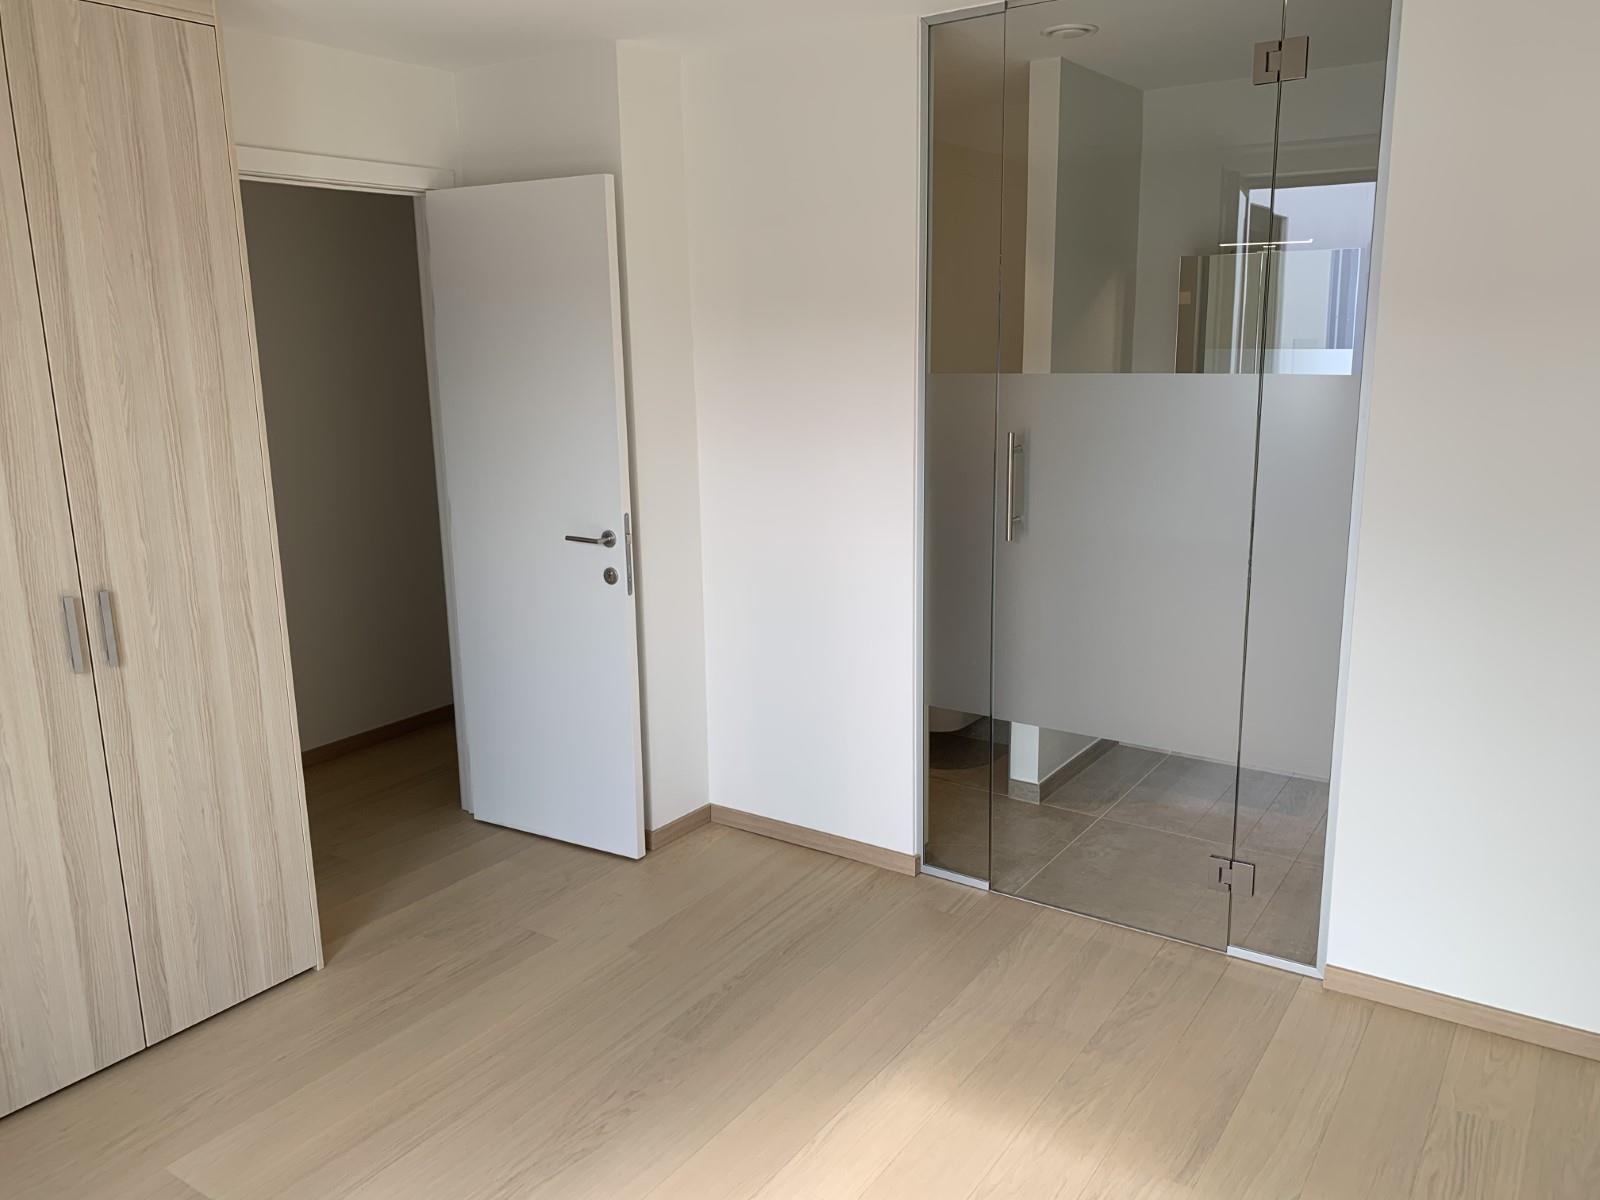 Appartement exceptionnel - Ixelles - #3929606-5